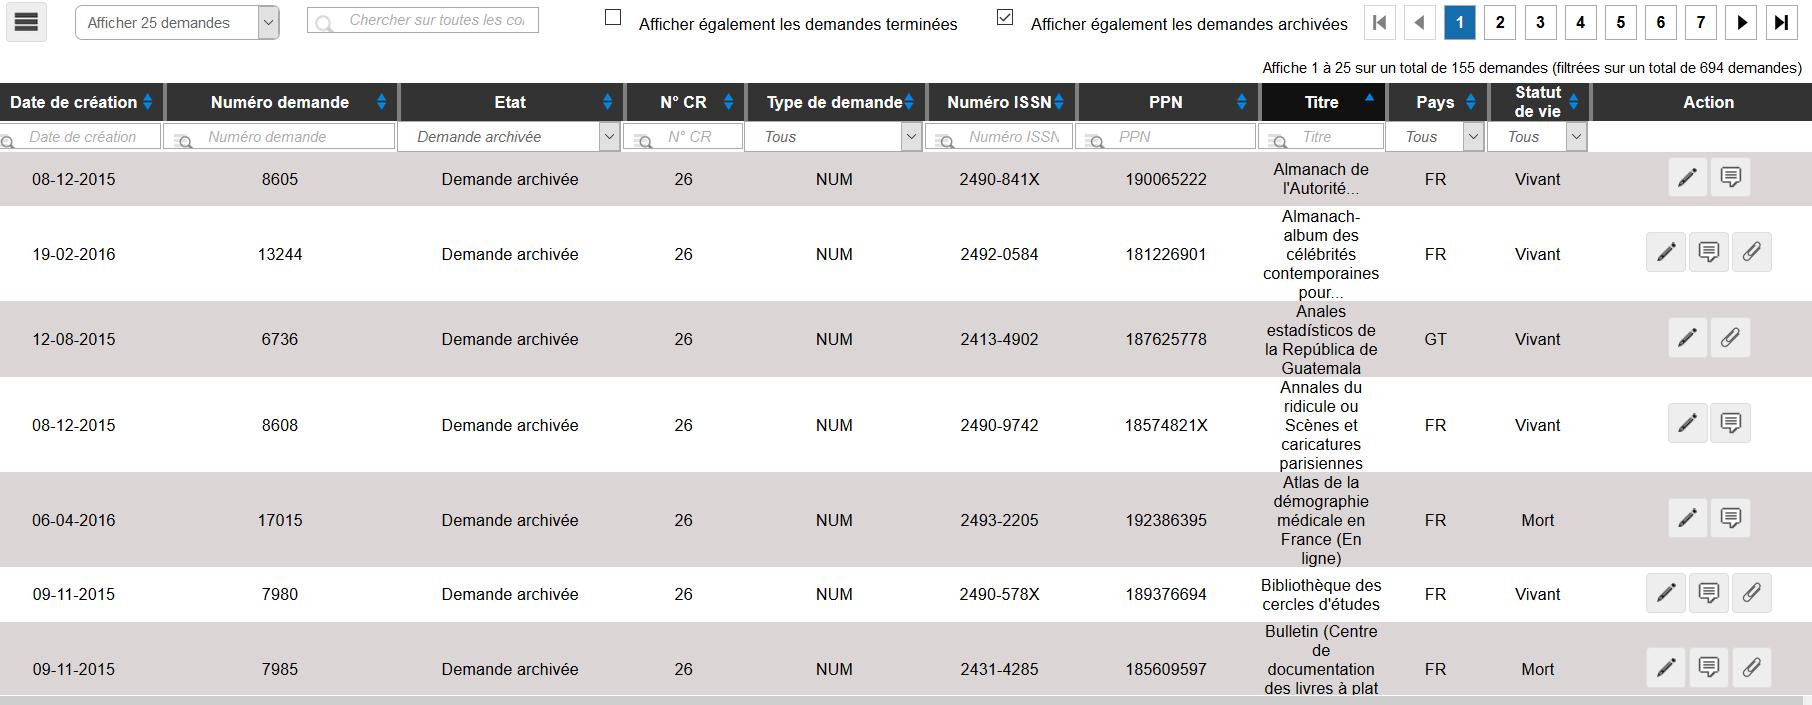 Capture écran de l'affichage des demandes archivées